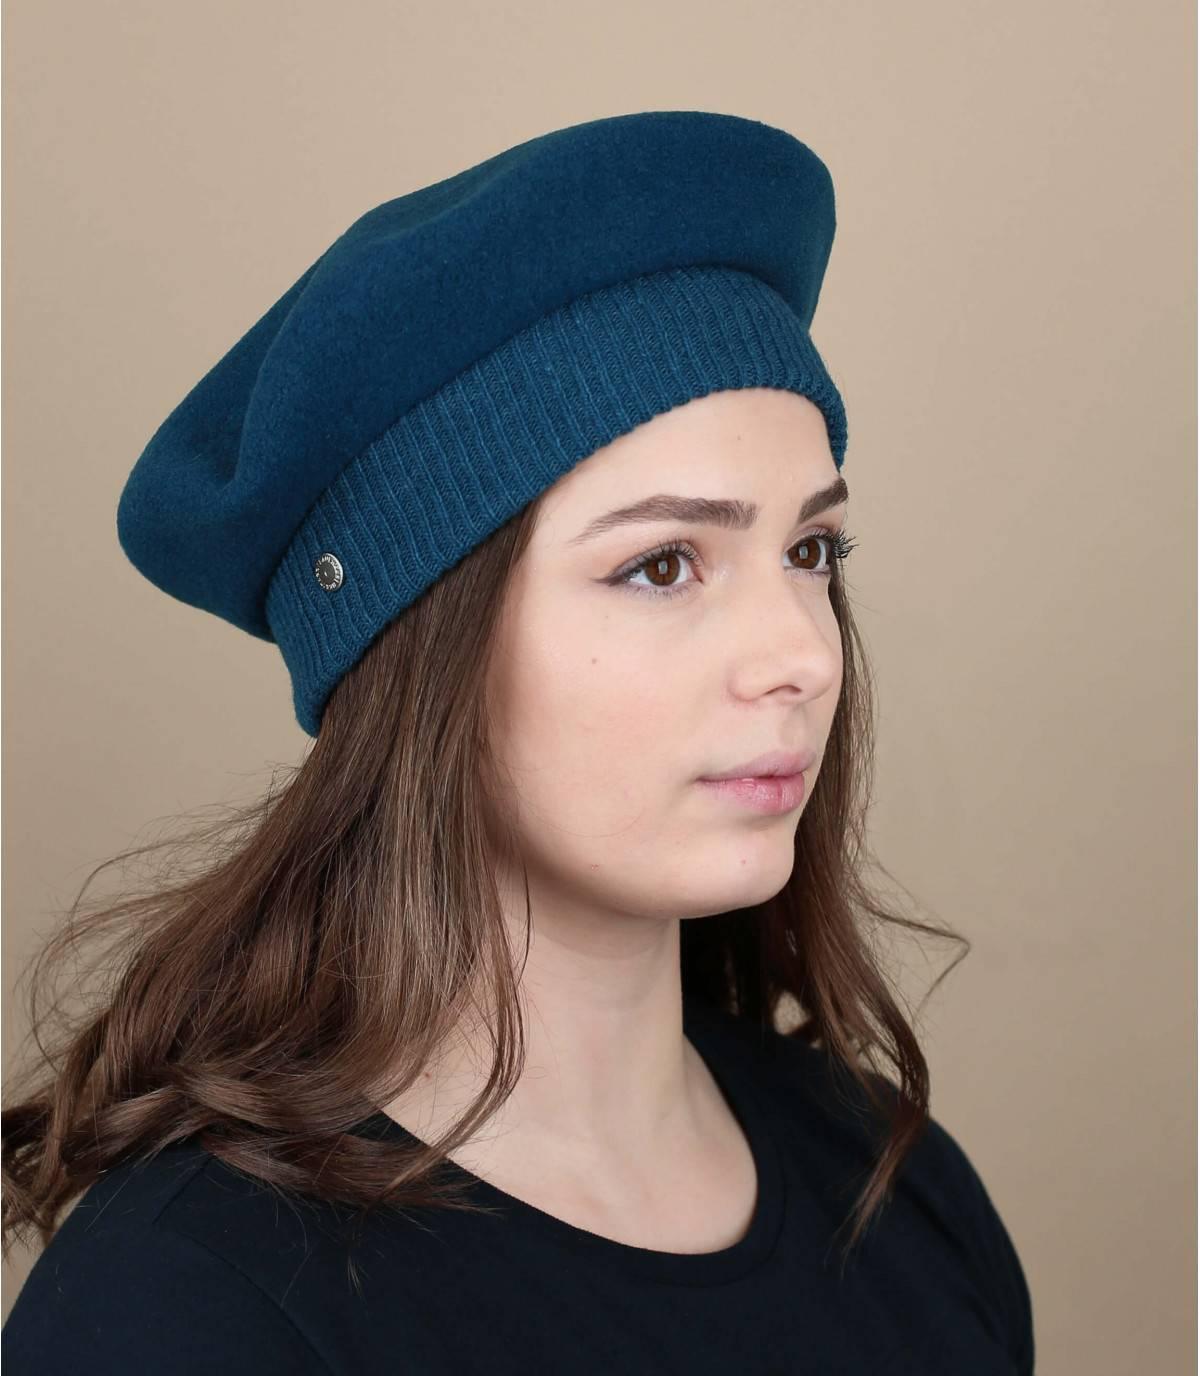 Boina Laulhère azul